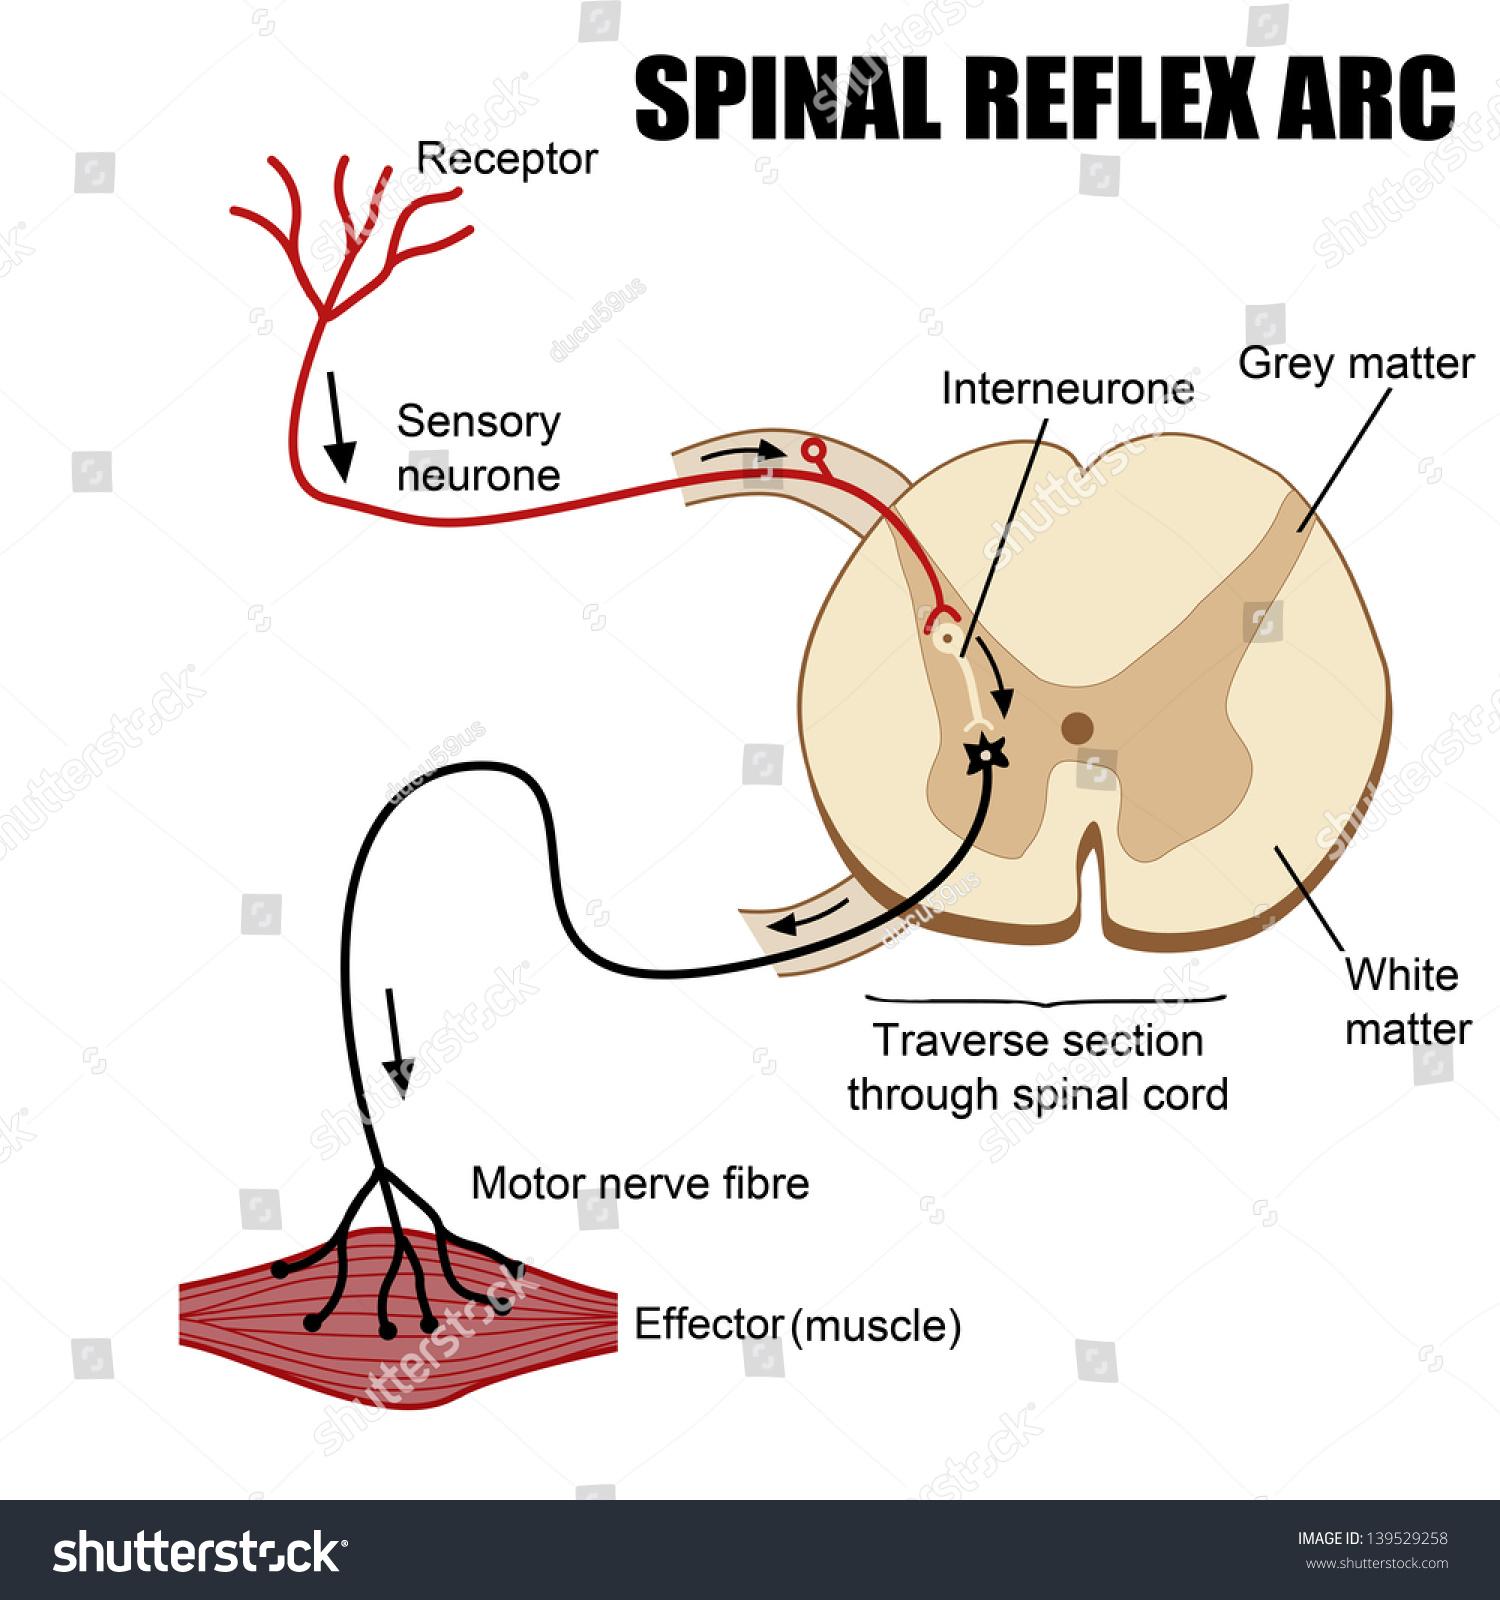 Spinal Reflex Arc Vector Illustration For Basic Medical